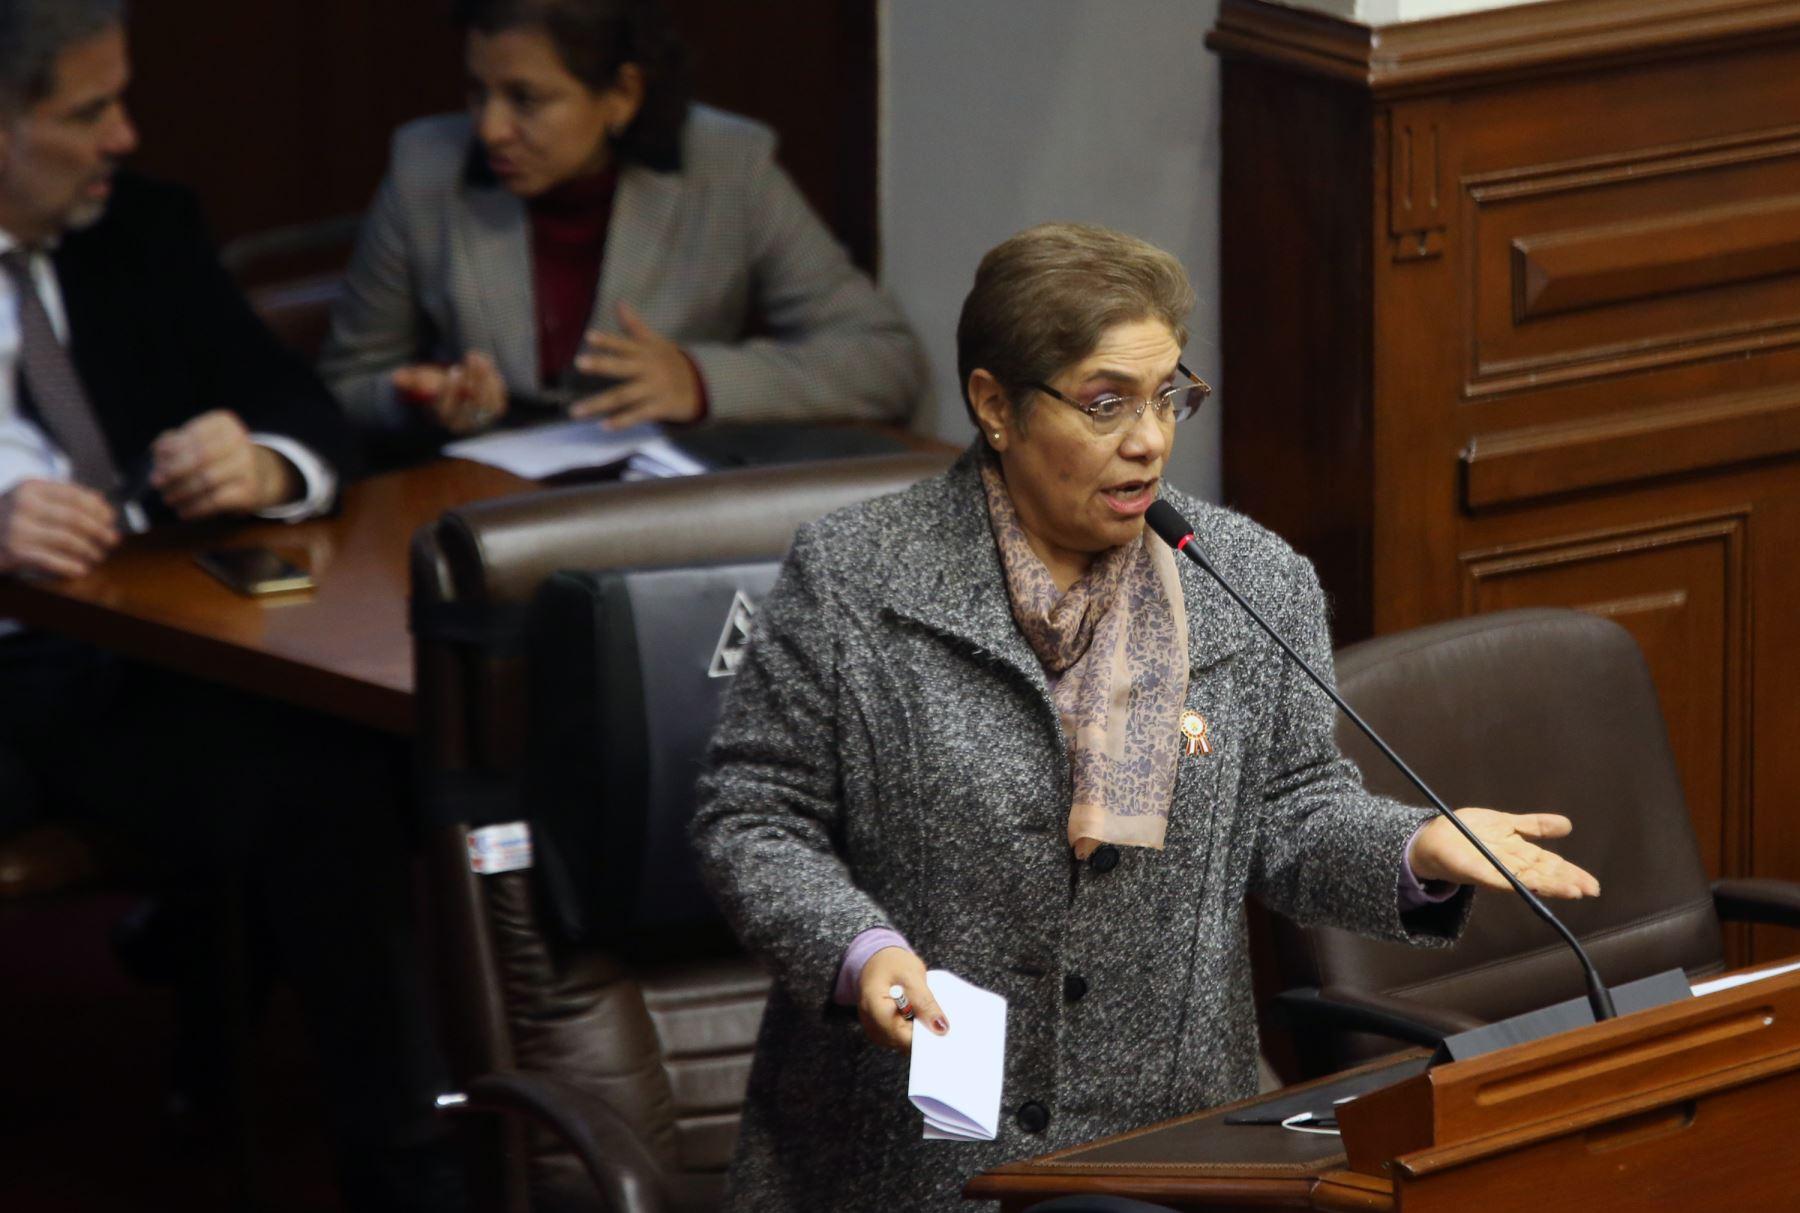 Congresista Luz Salgado participa en el pleno del Congreso que debate los proyectos de reforma política presentadas por el Poder Ejecutivo.   Foto: ANDINA/Norman Córdova